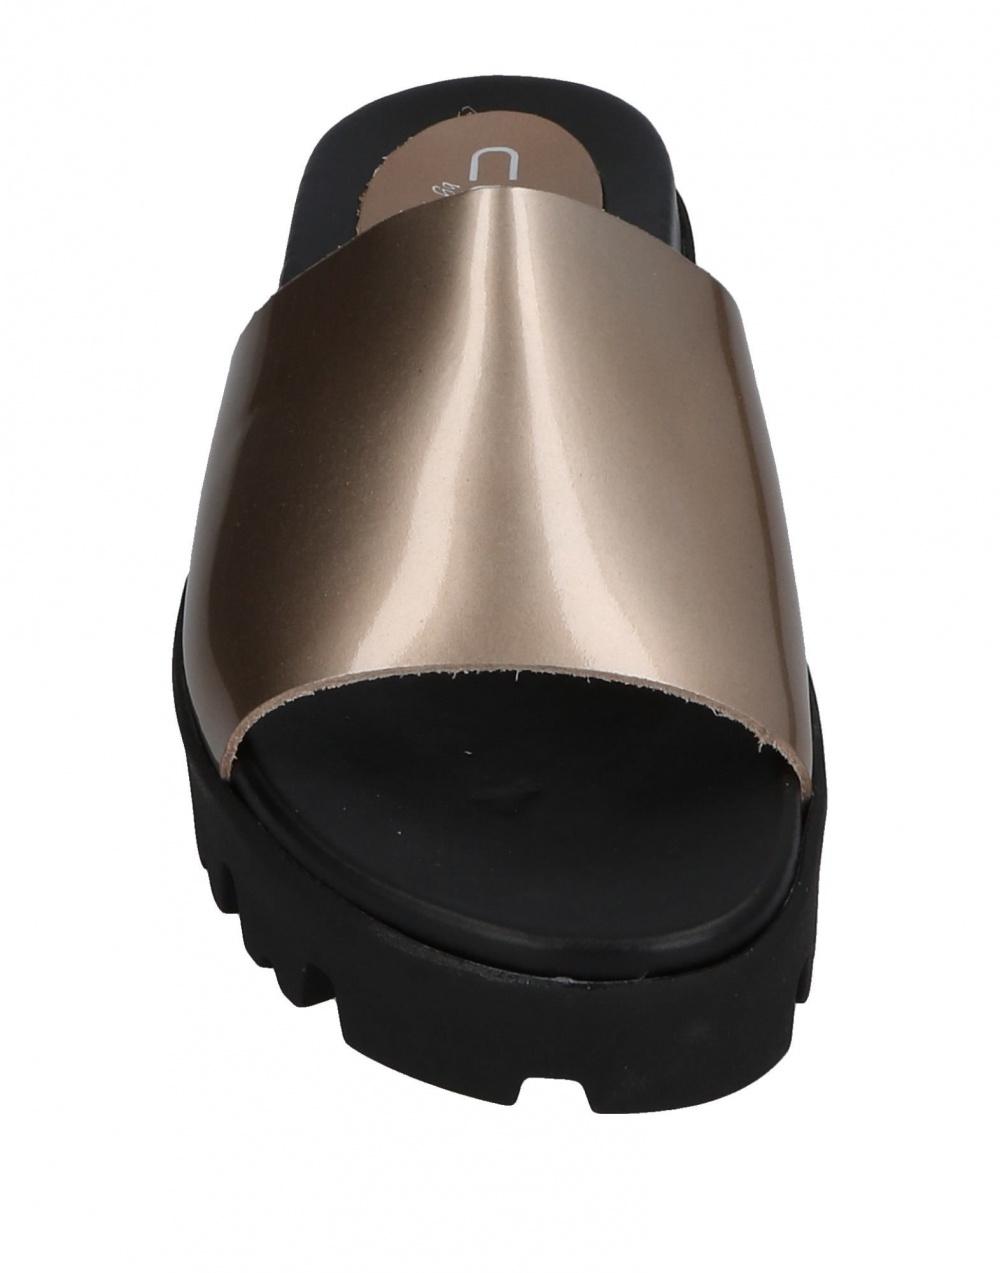 Кожаные шлепки CLAUDIA BY ISABERI, размер 38. По стельке 24,5 см